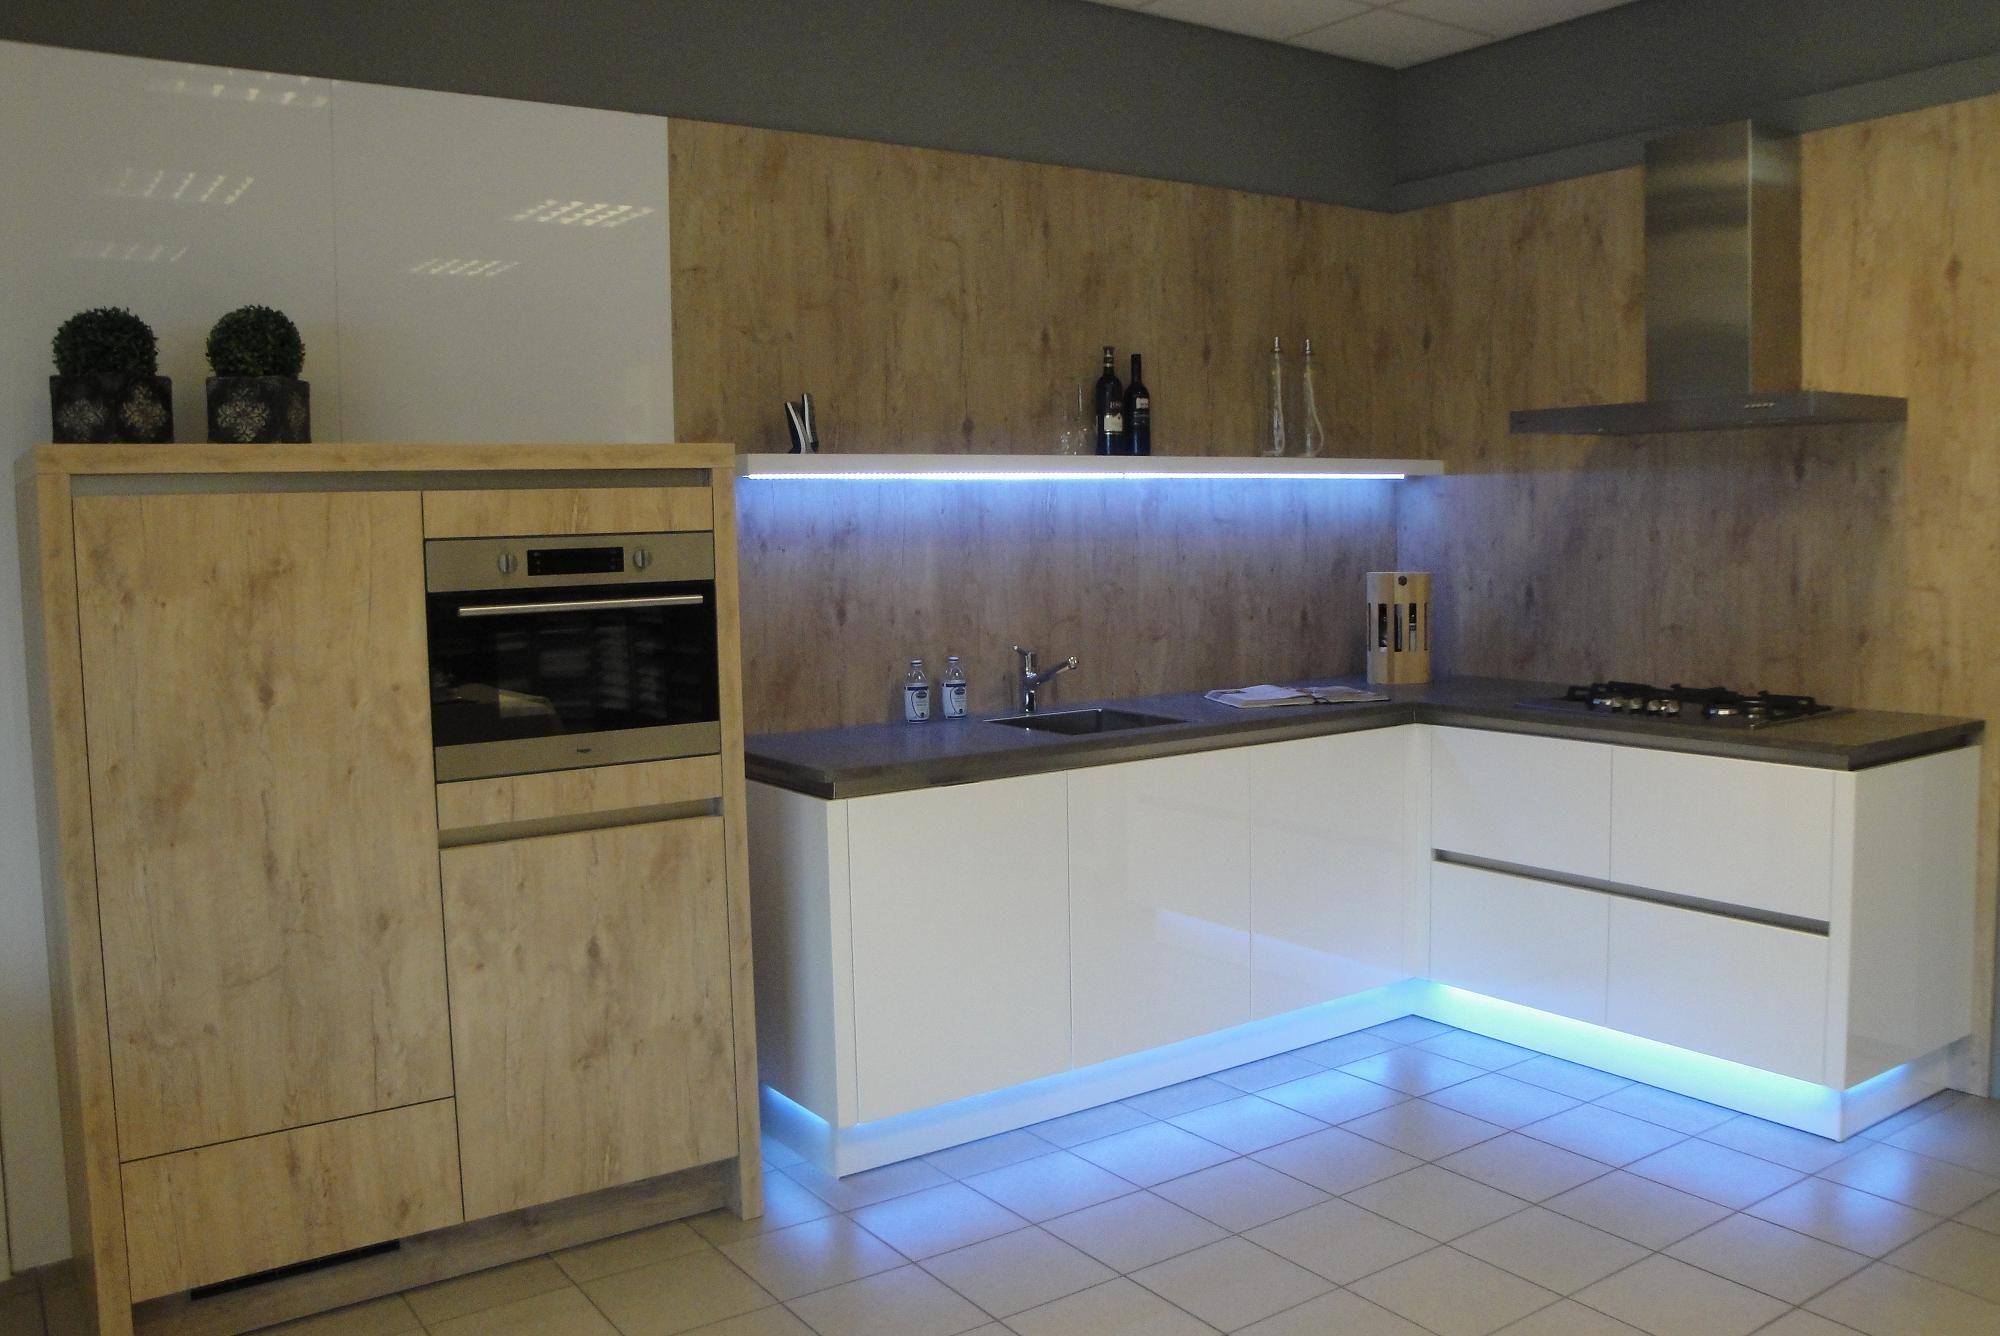 Keuken Plint Rvs : keukens voor zeer lage keuken prijzen Eigenwijze keuken [41848